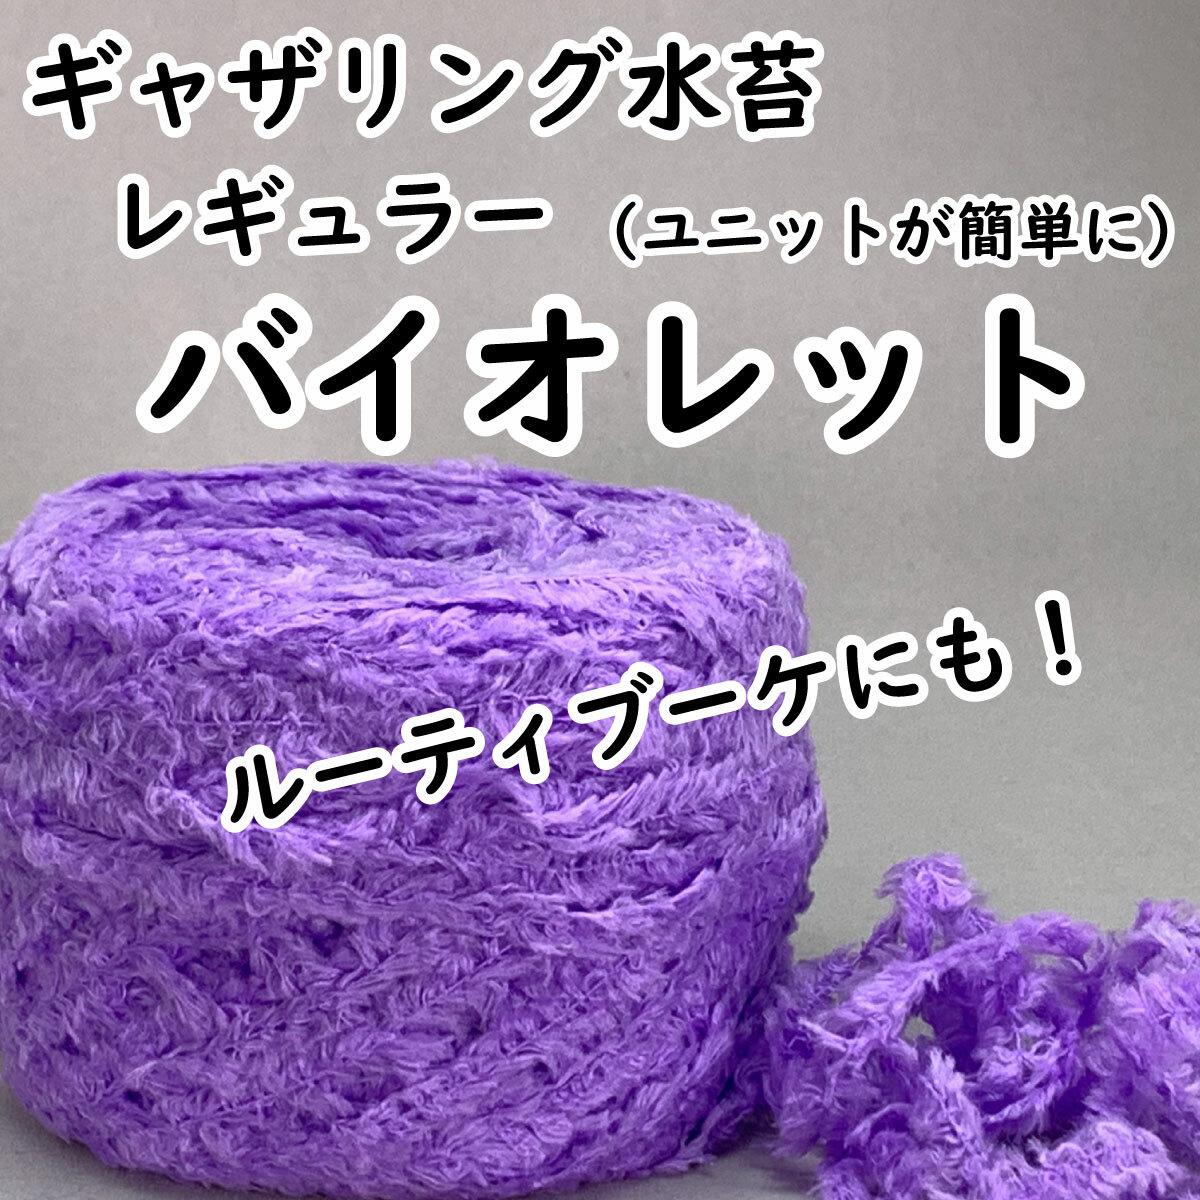 【ギャザリング水苔レギュラー】10色からお選びください - 画像3